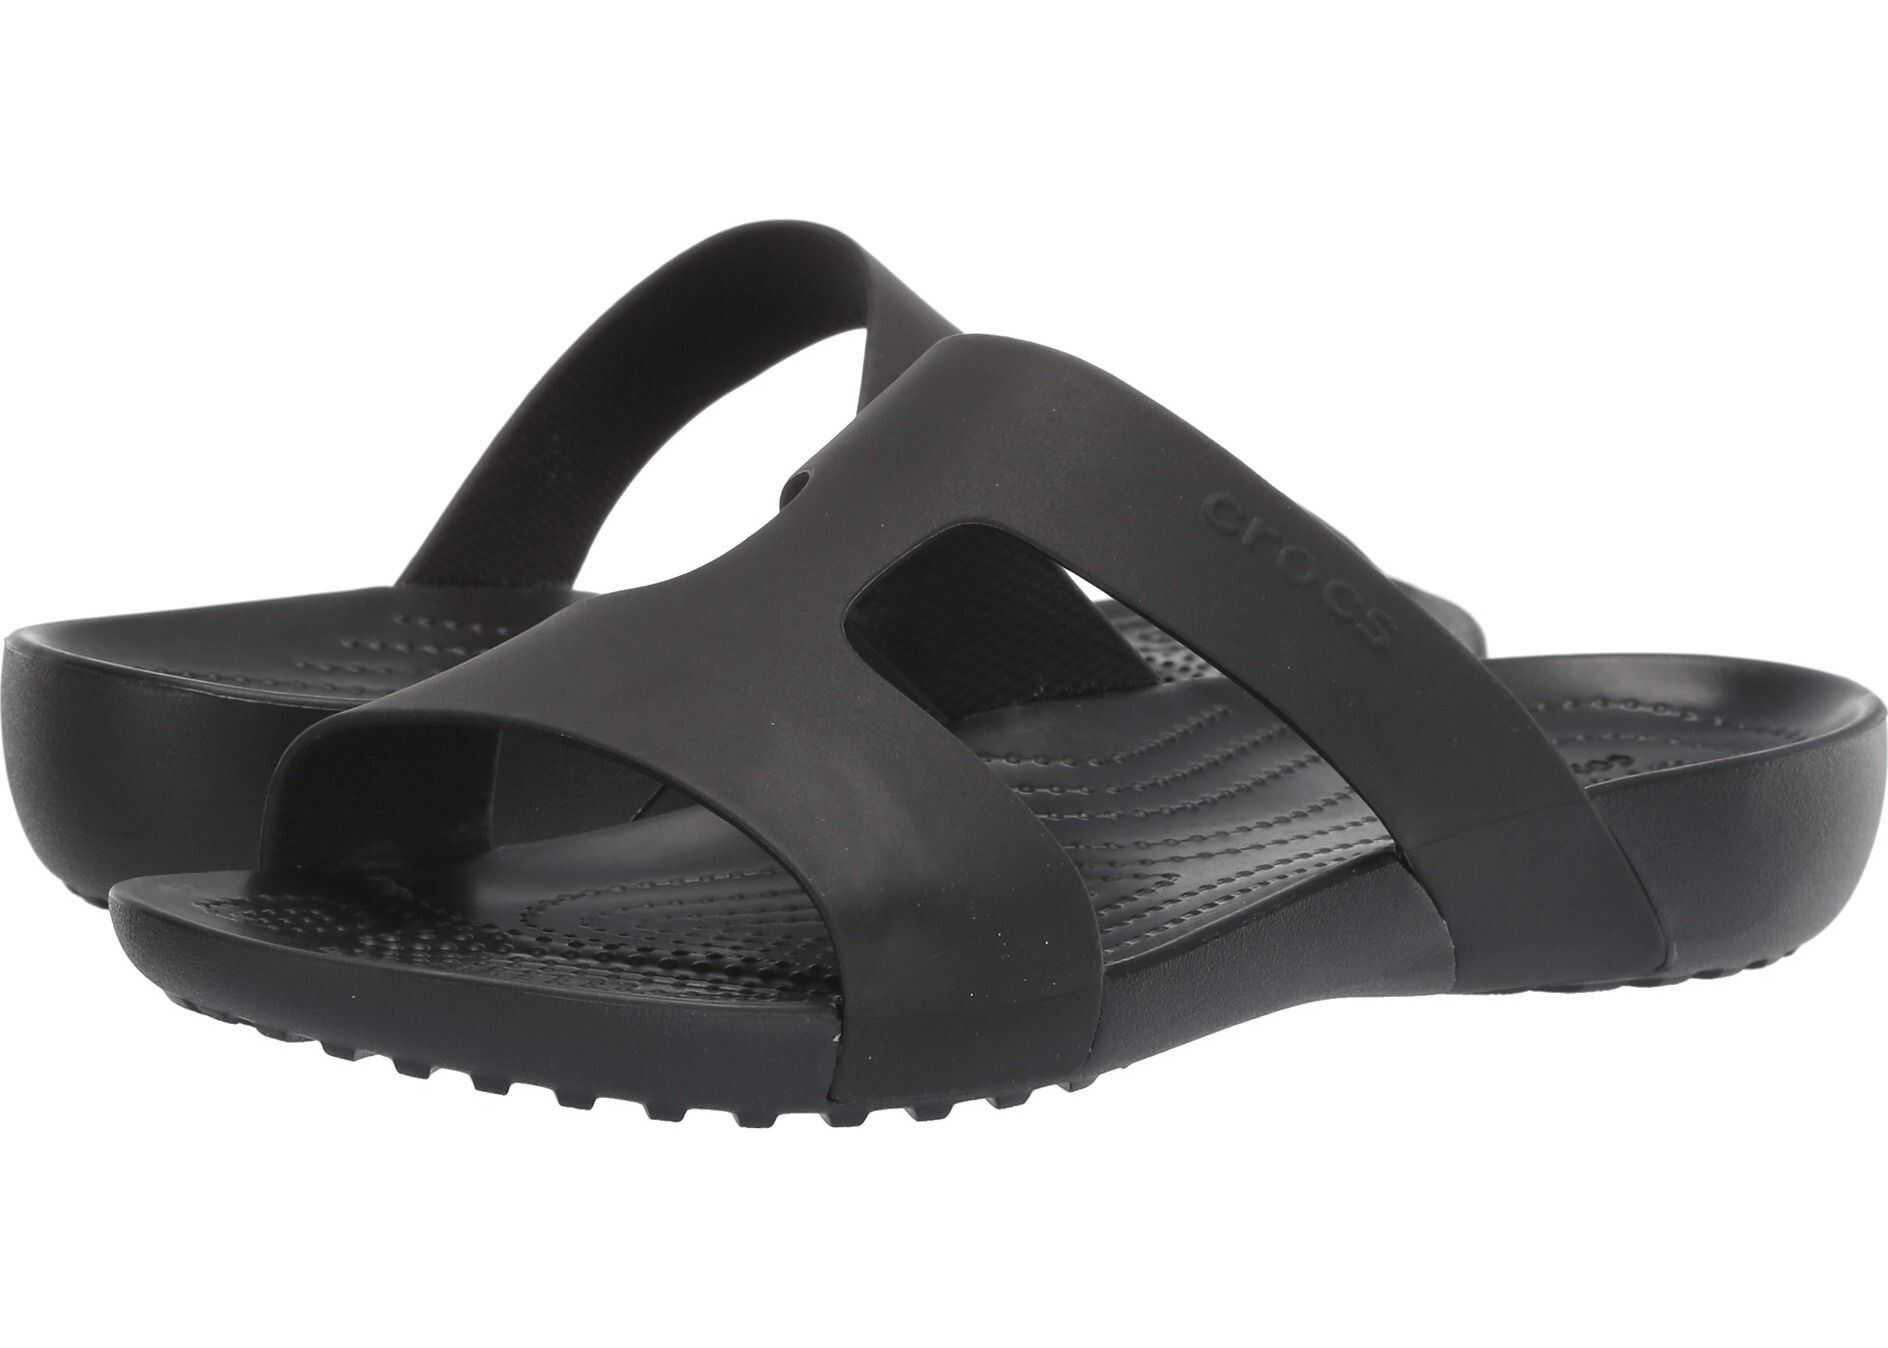 Crocs Serena Slide Black/Black